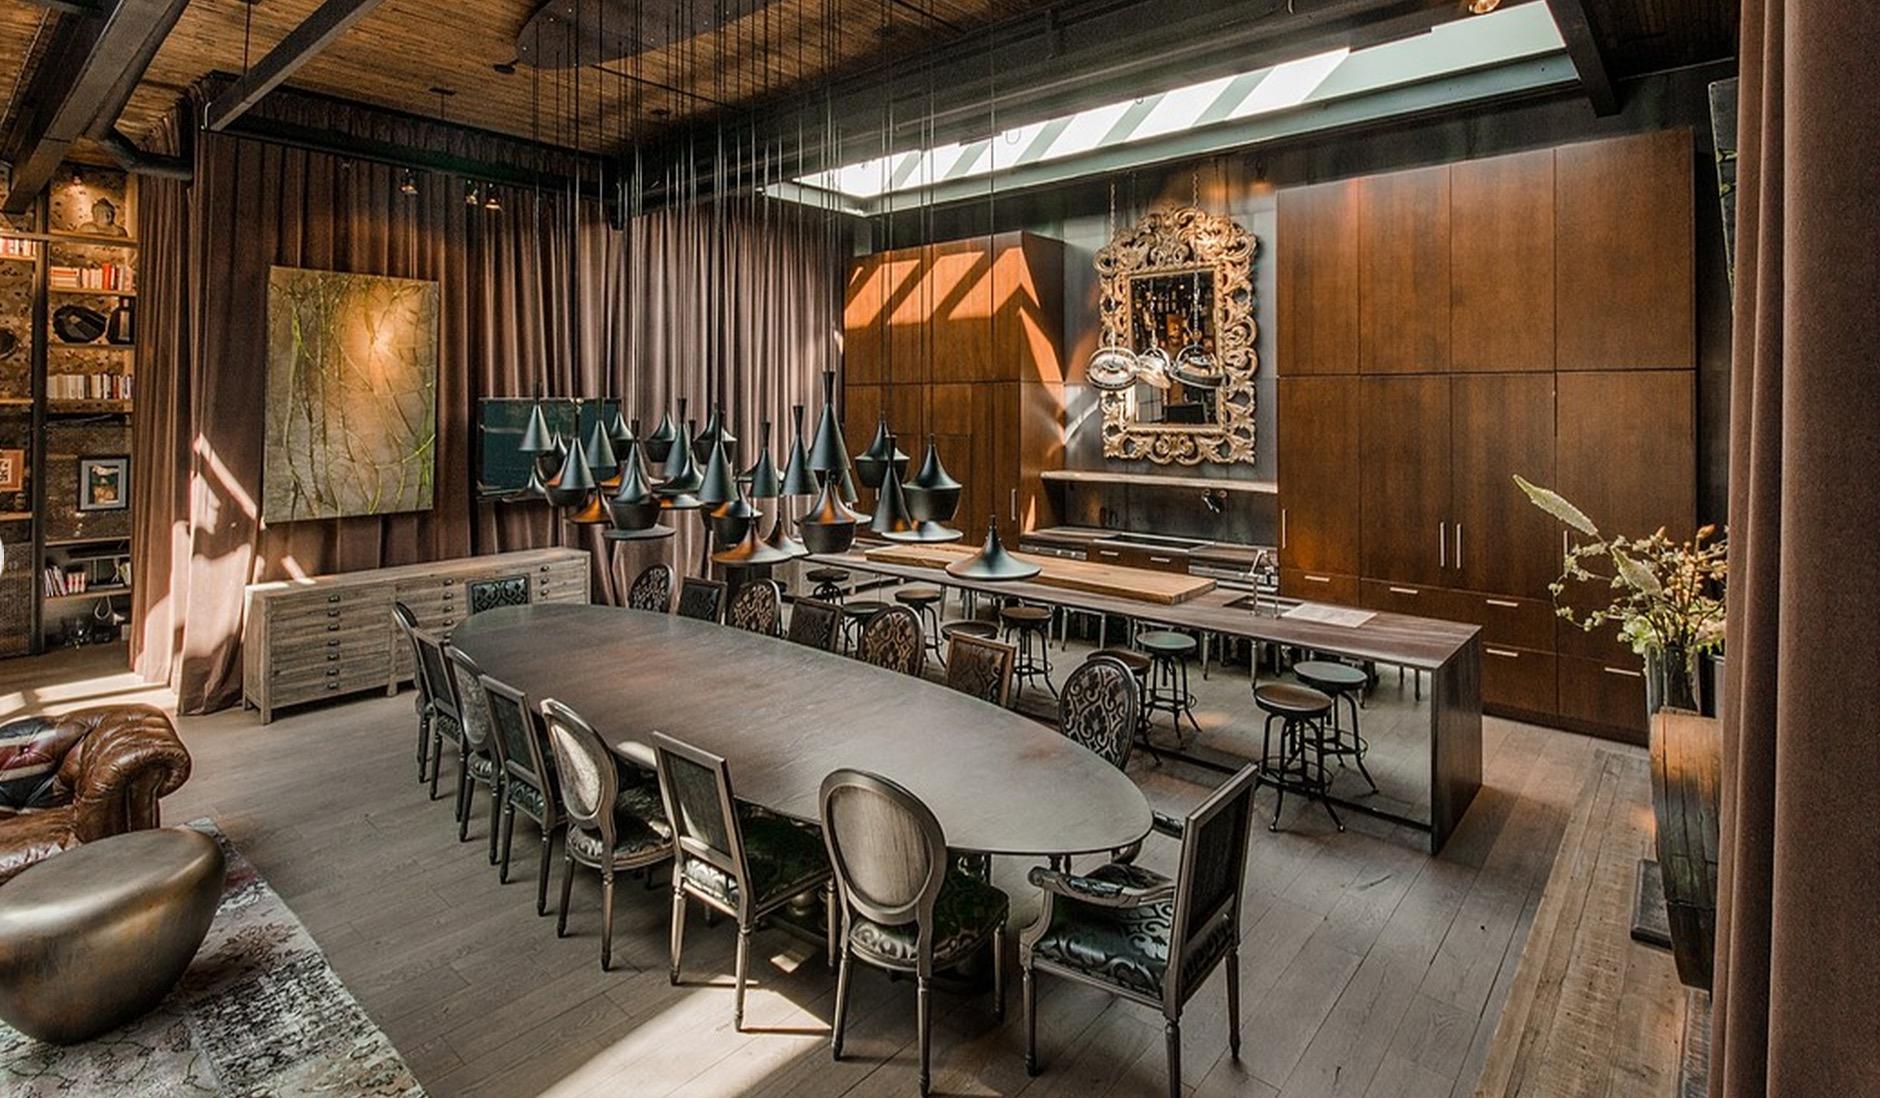 Joli-Joli-Design-Architecture-Montreal-02a